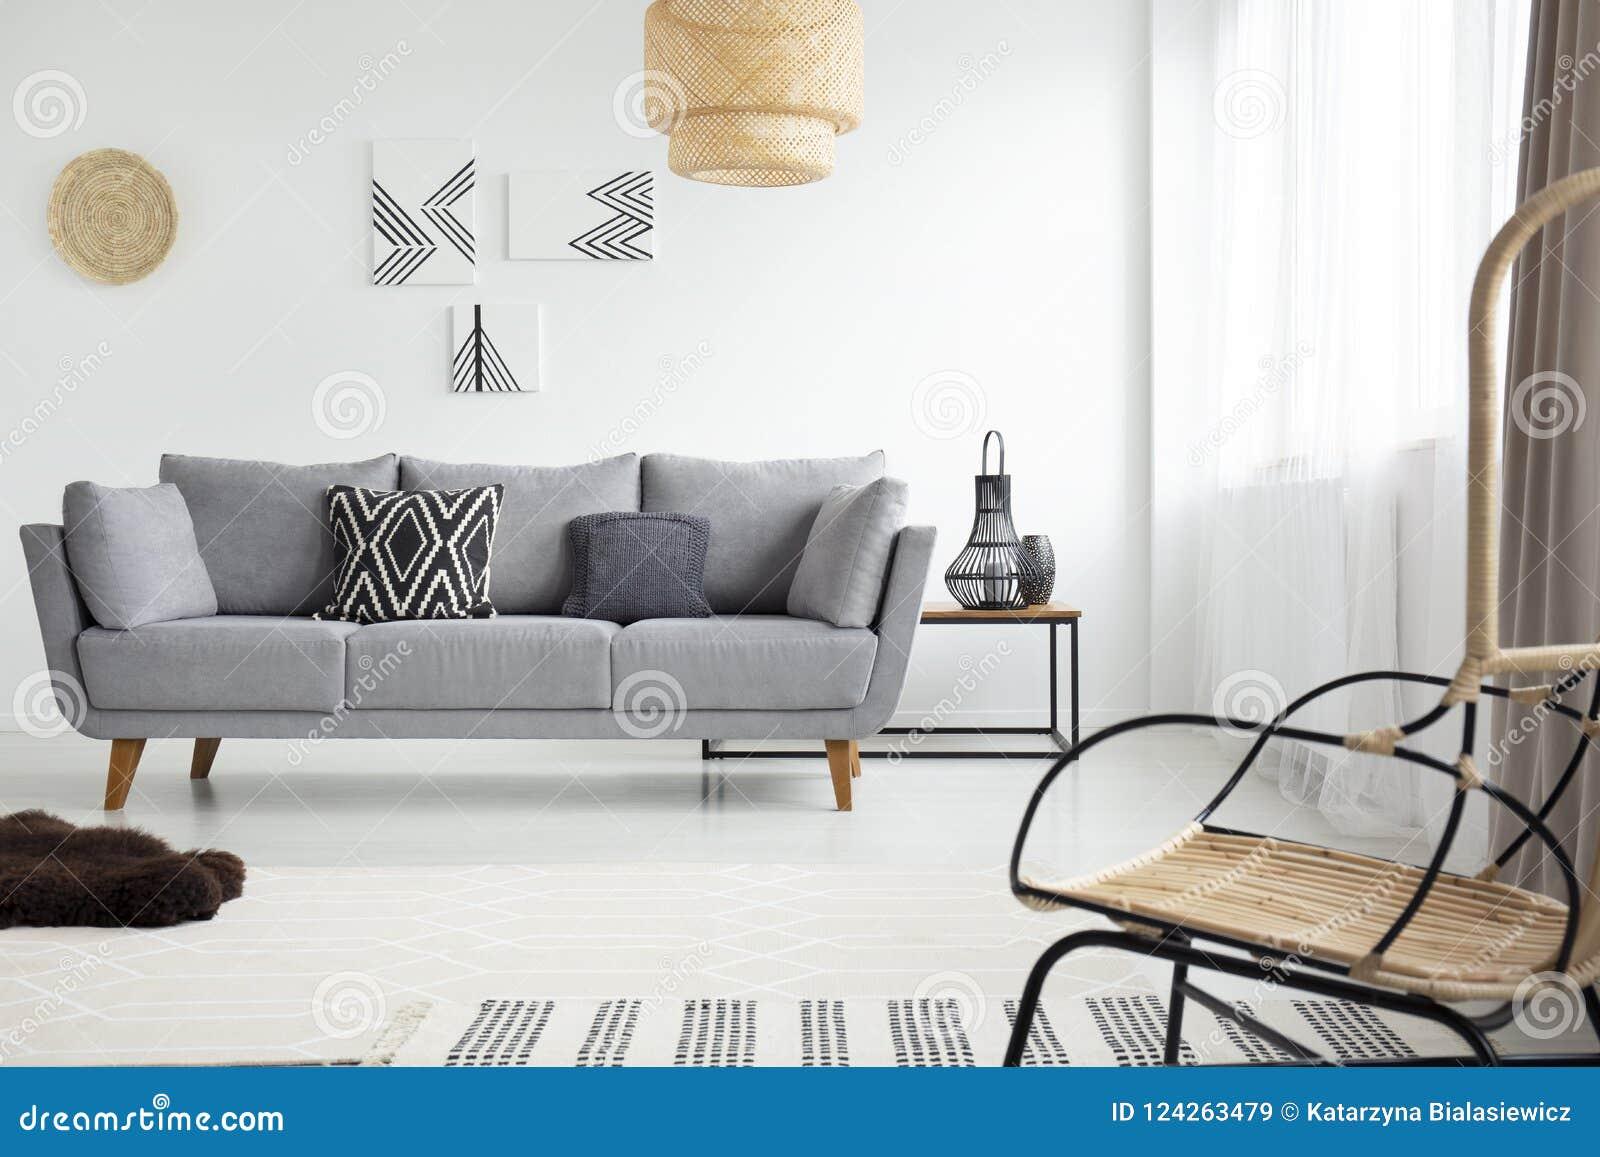 Vraie photo d un fauteuil de rotin vis-à-vis d un canapé gris dans le scandi